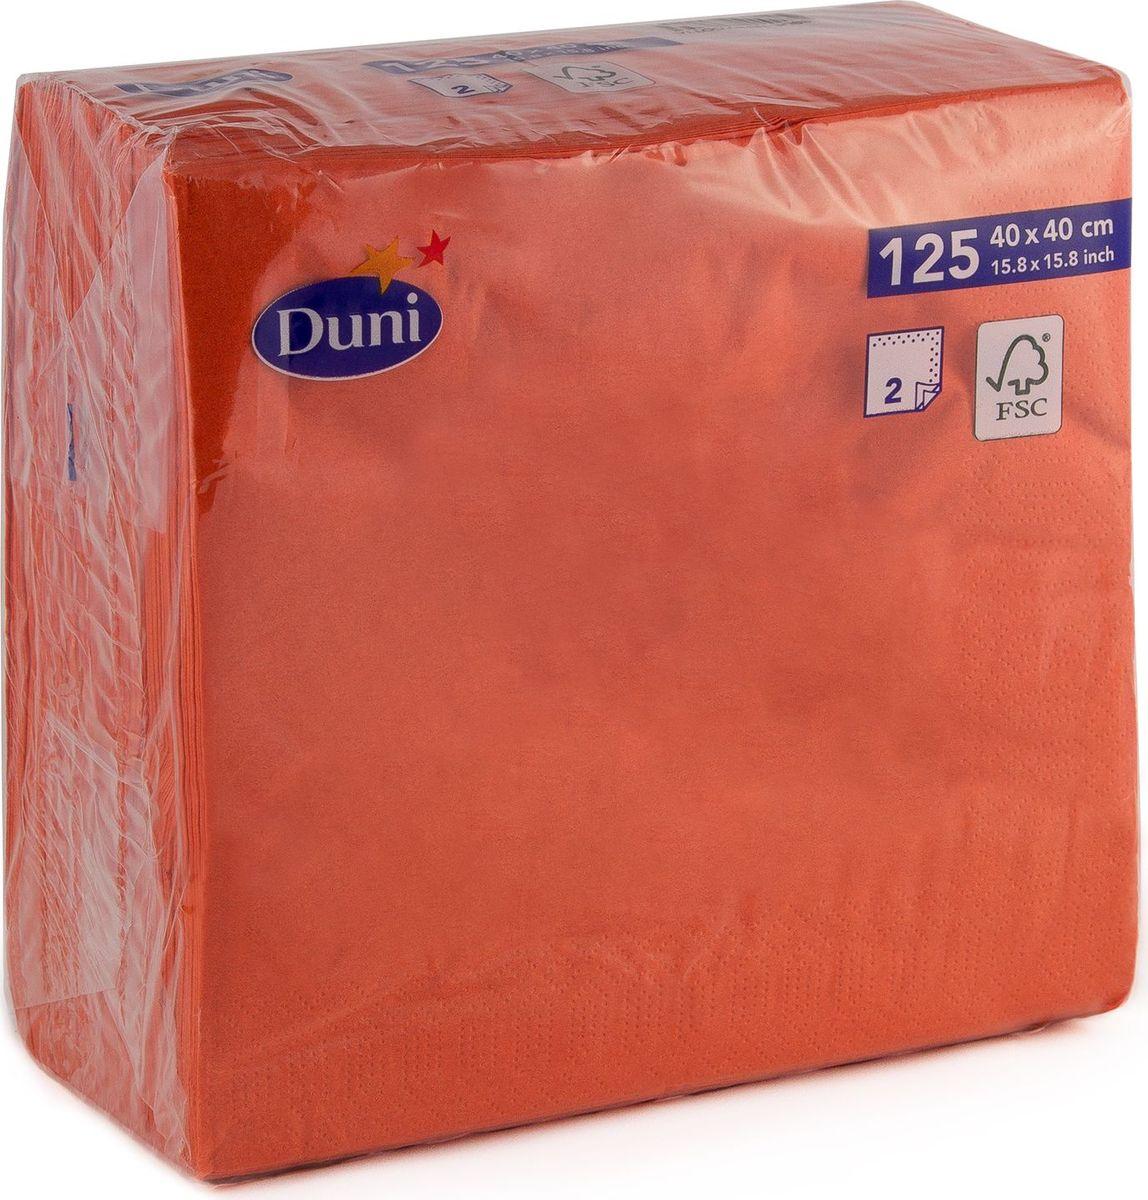 Салфетки бумажные Duni, 2-слойные, цвет: красный, 40 смVT-1520(SR)Многослойные бумажные салфетки изготовлены из экологически чистого, высококачественного сырья - 100% целлюлозы. Салфетки выполнены в оригинальном и современном стиле, прекрасно сочетаются с любым интерьером и всегда будут прекрасным и незаменимым украшением стола.